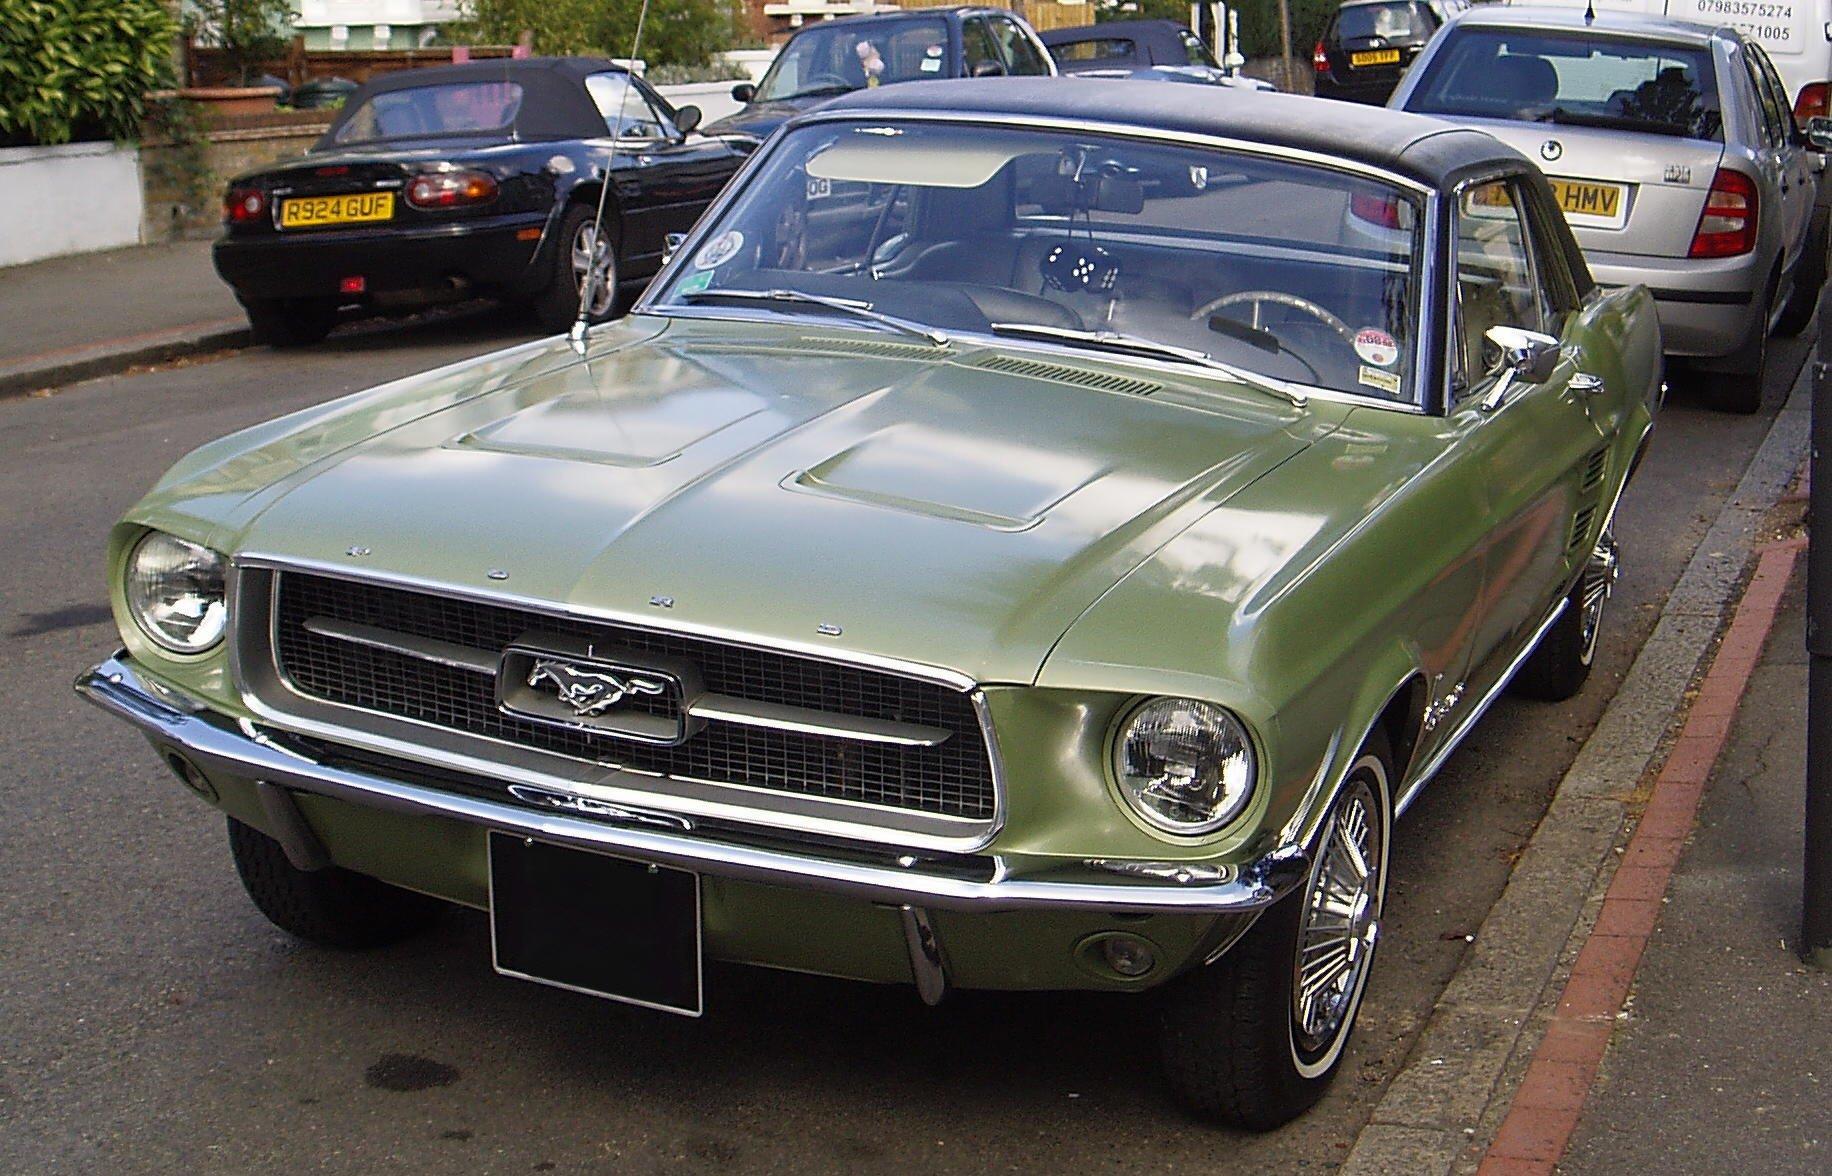 Ford Mustang 1967 Forum – Idée d image de voiture